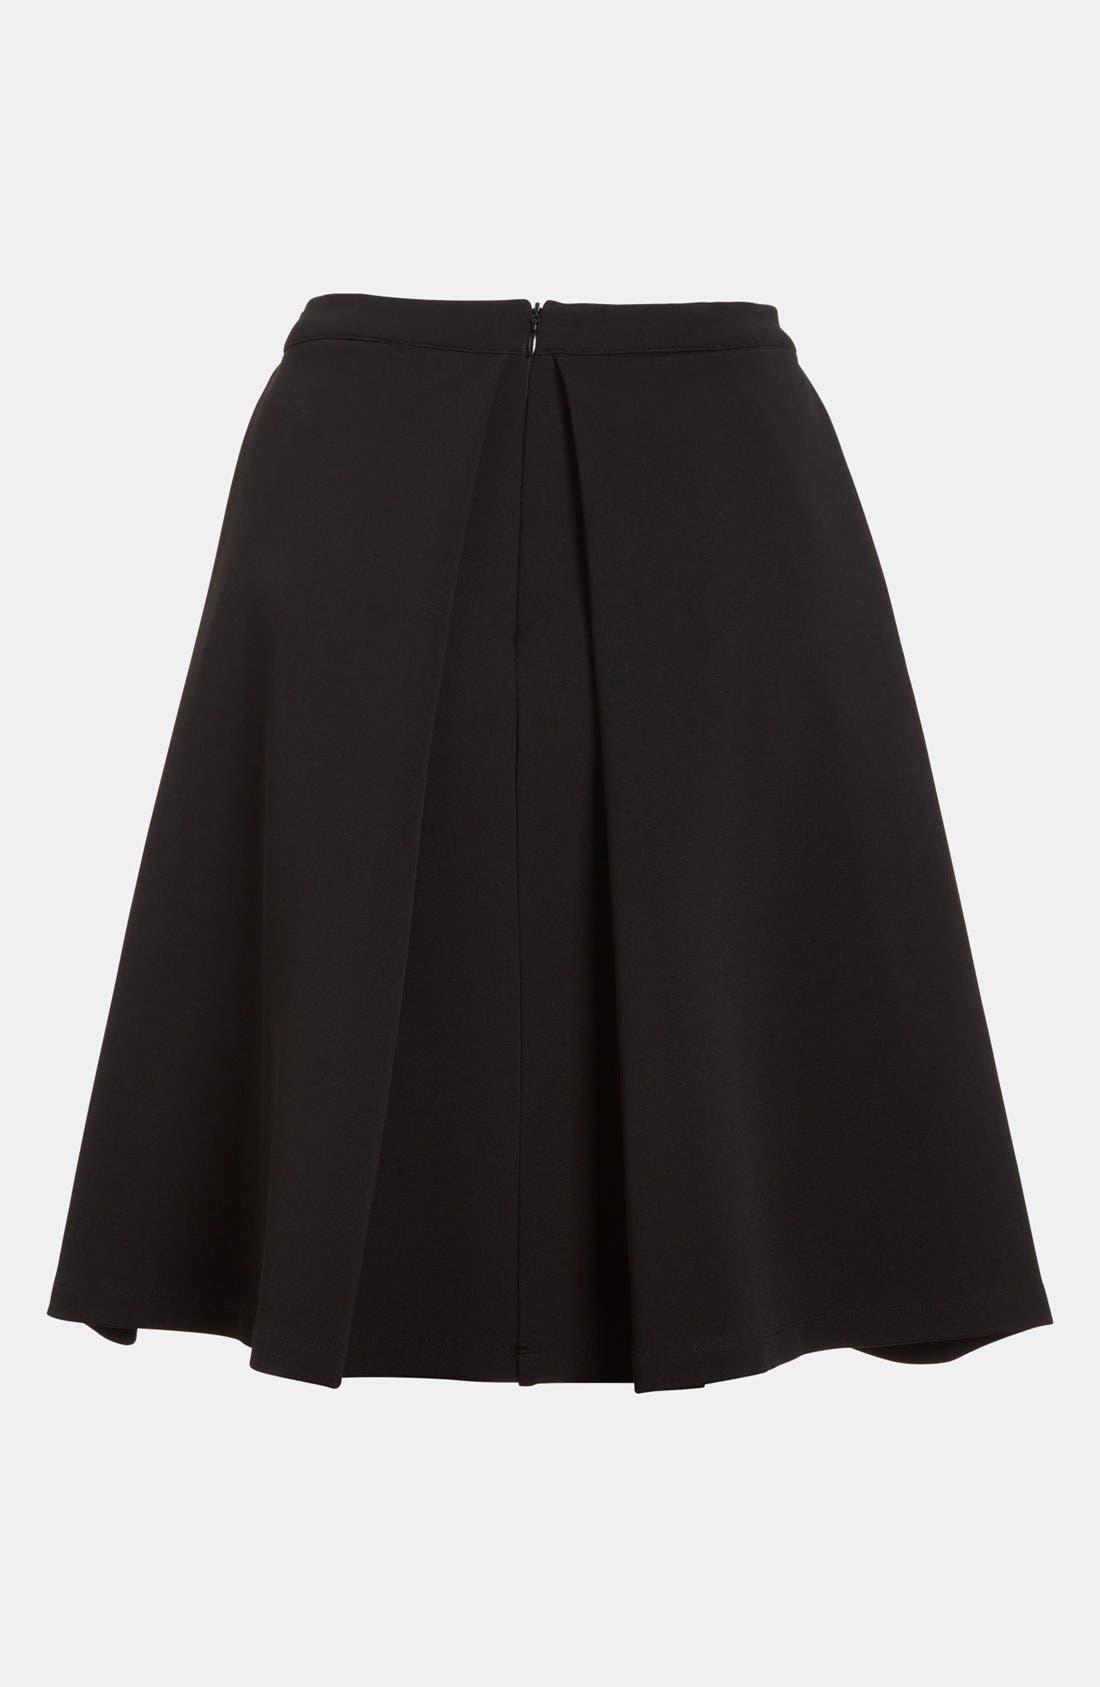 DEVLIN, Pleated Skirt, Alternate thumbnail 2, color, 001